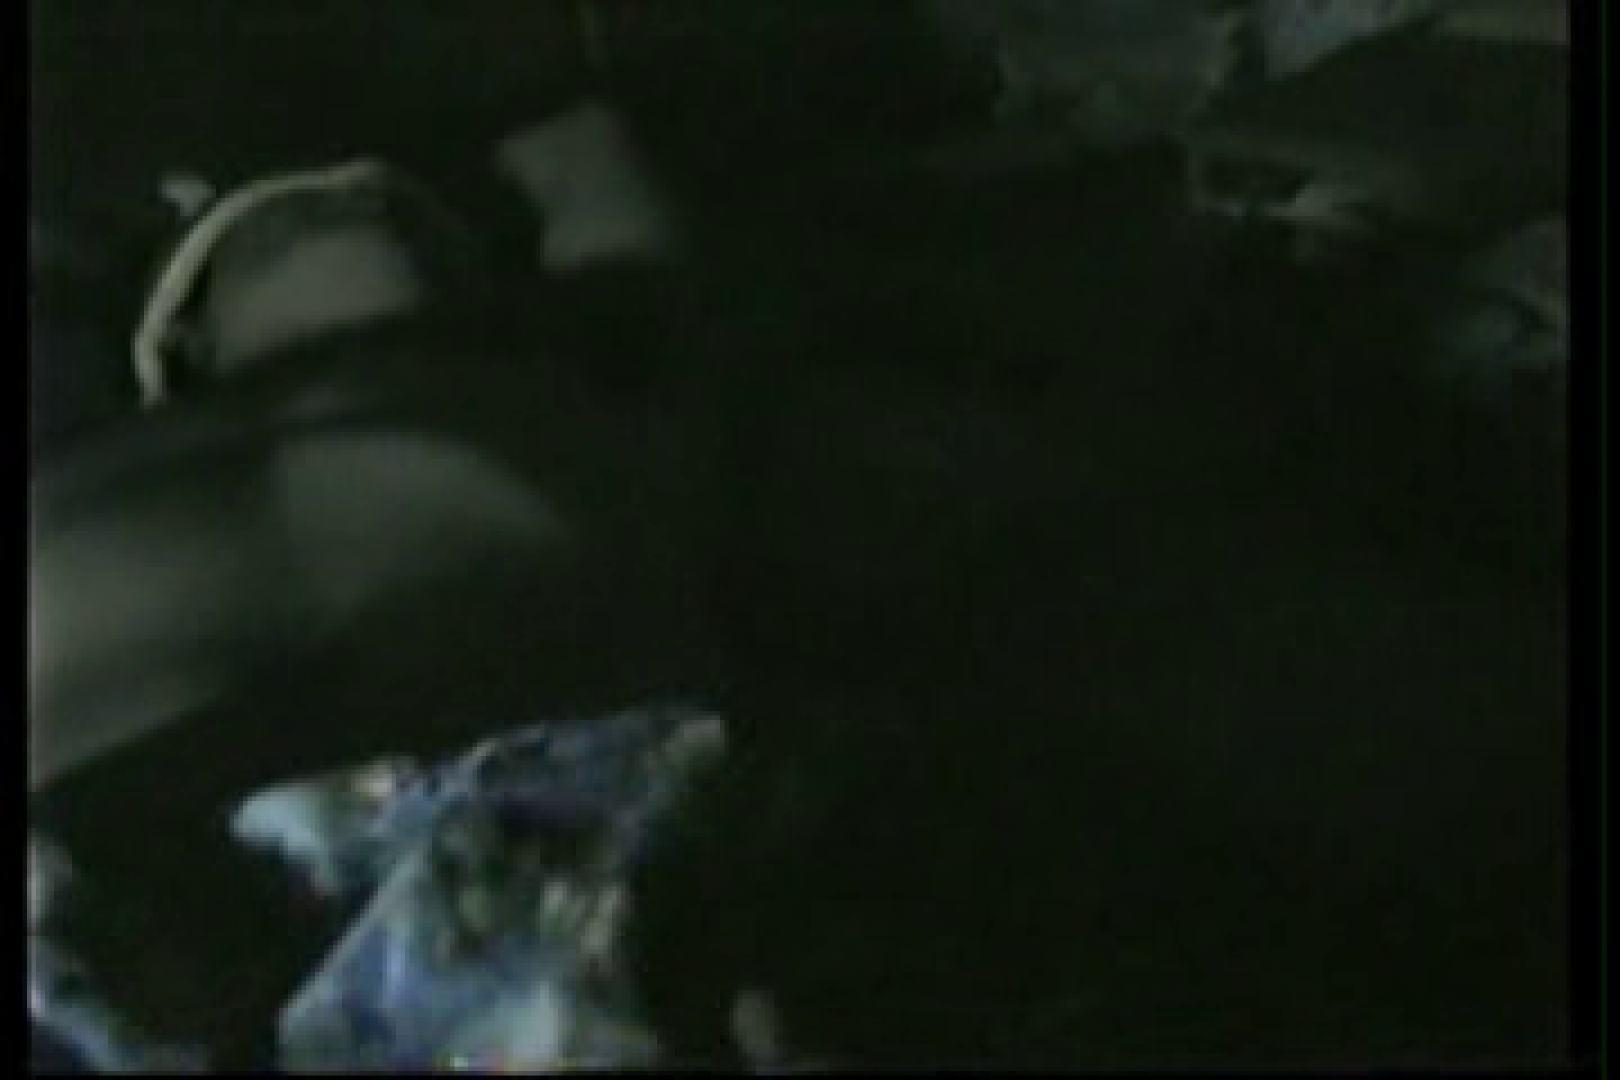 【実録個人撮影】男の子達の禁断の愛欲性活!!vol.02(対女性アナル責め) 個人撮影 | 対女性  14枚 9